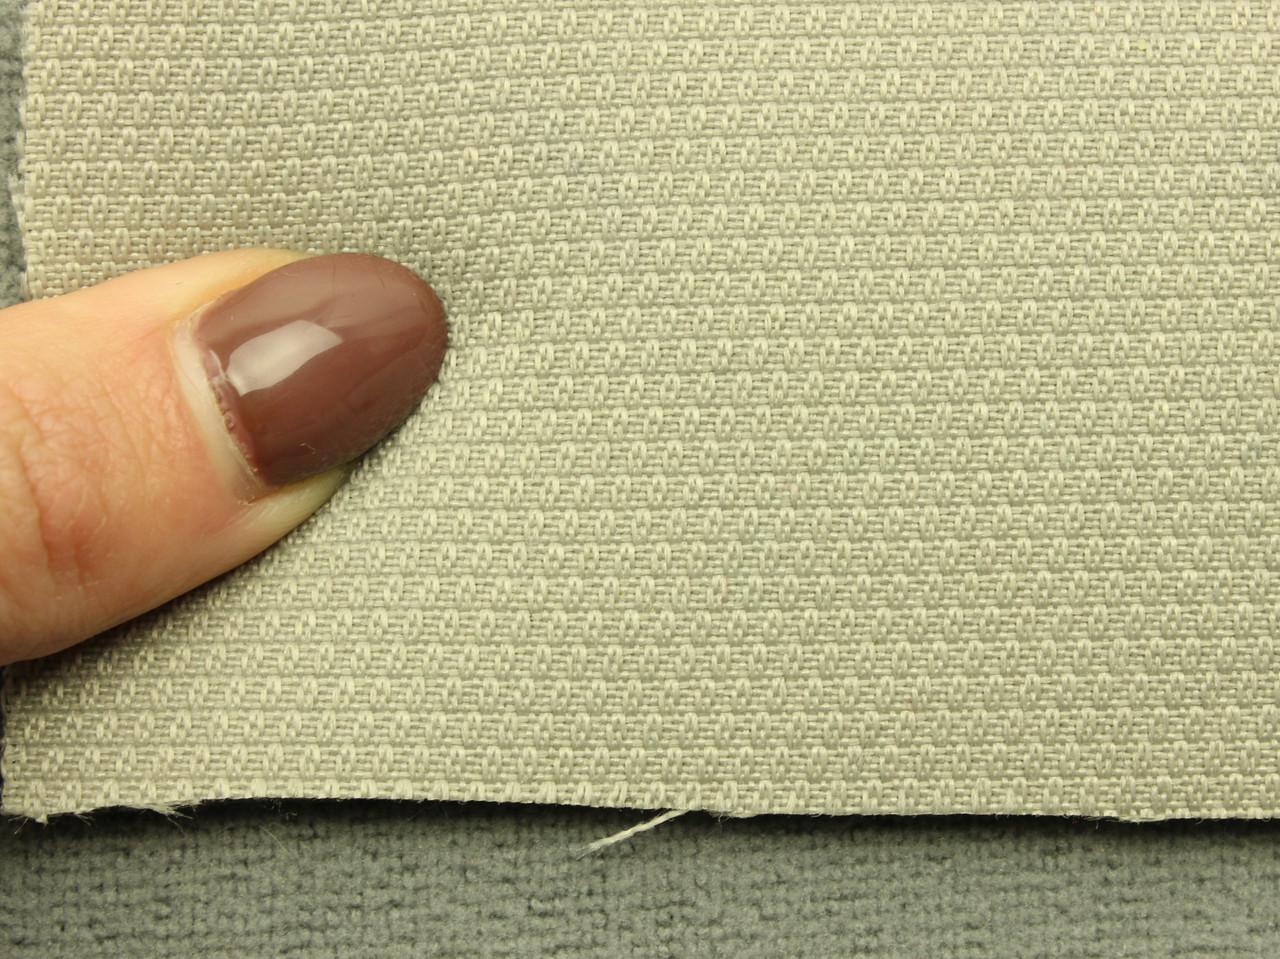 Ткань для сидений автомобиля, цвет светло-серый, на поролоне (для боковой части) Германия